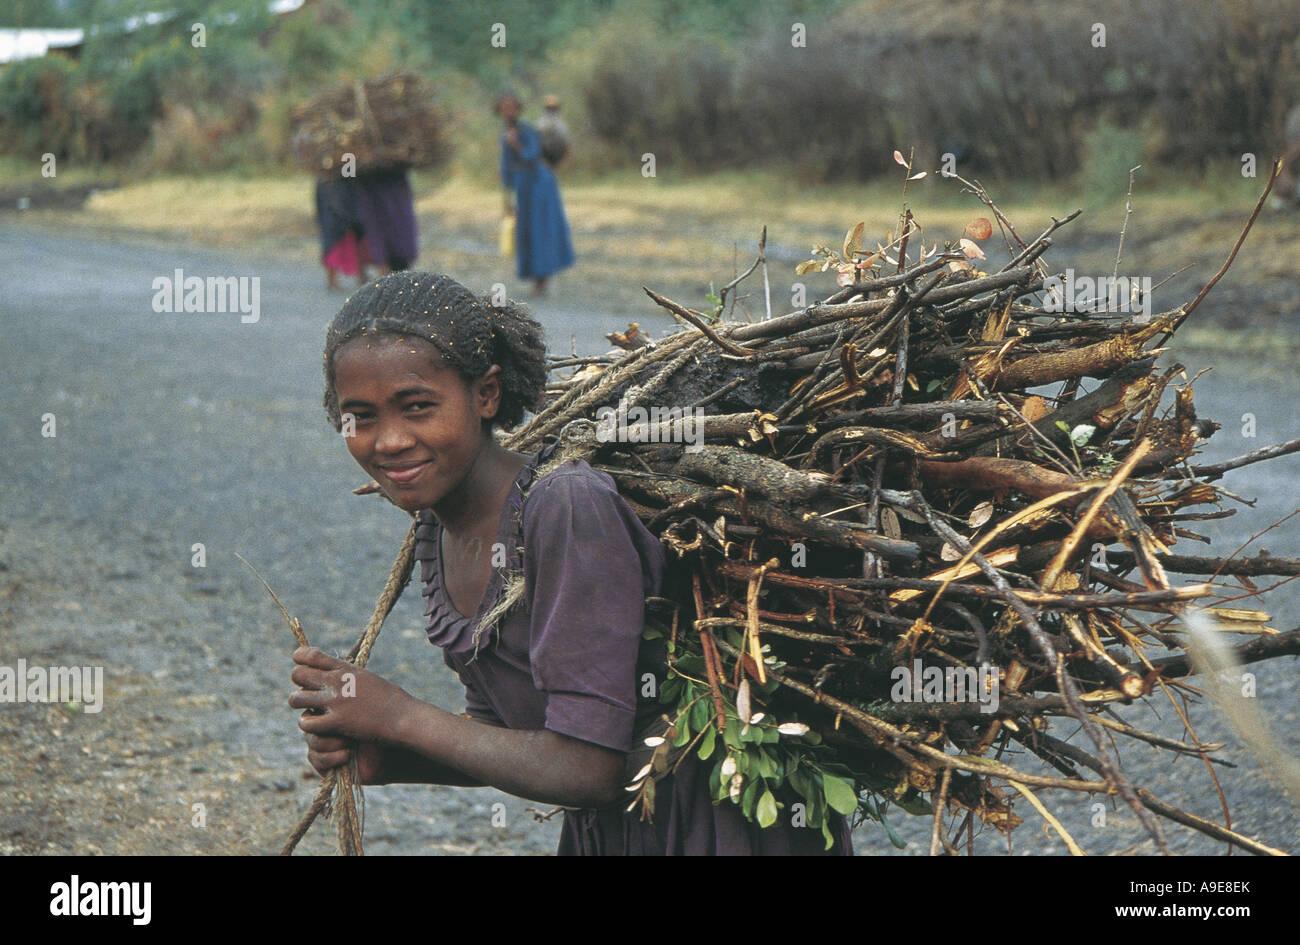 Mujer joven lleva el enorme paquete de madera en su espalda Etiopía Imagen De Stock